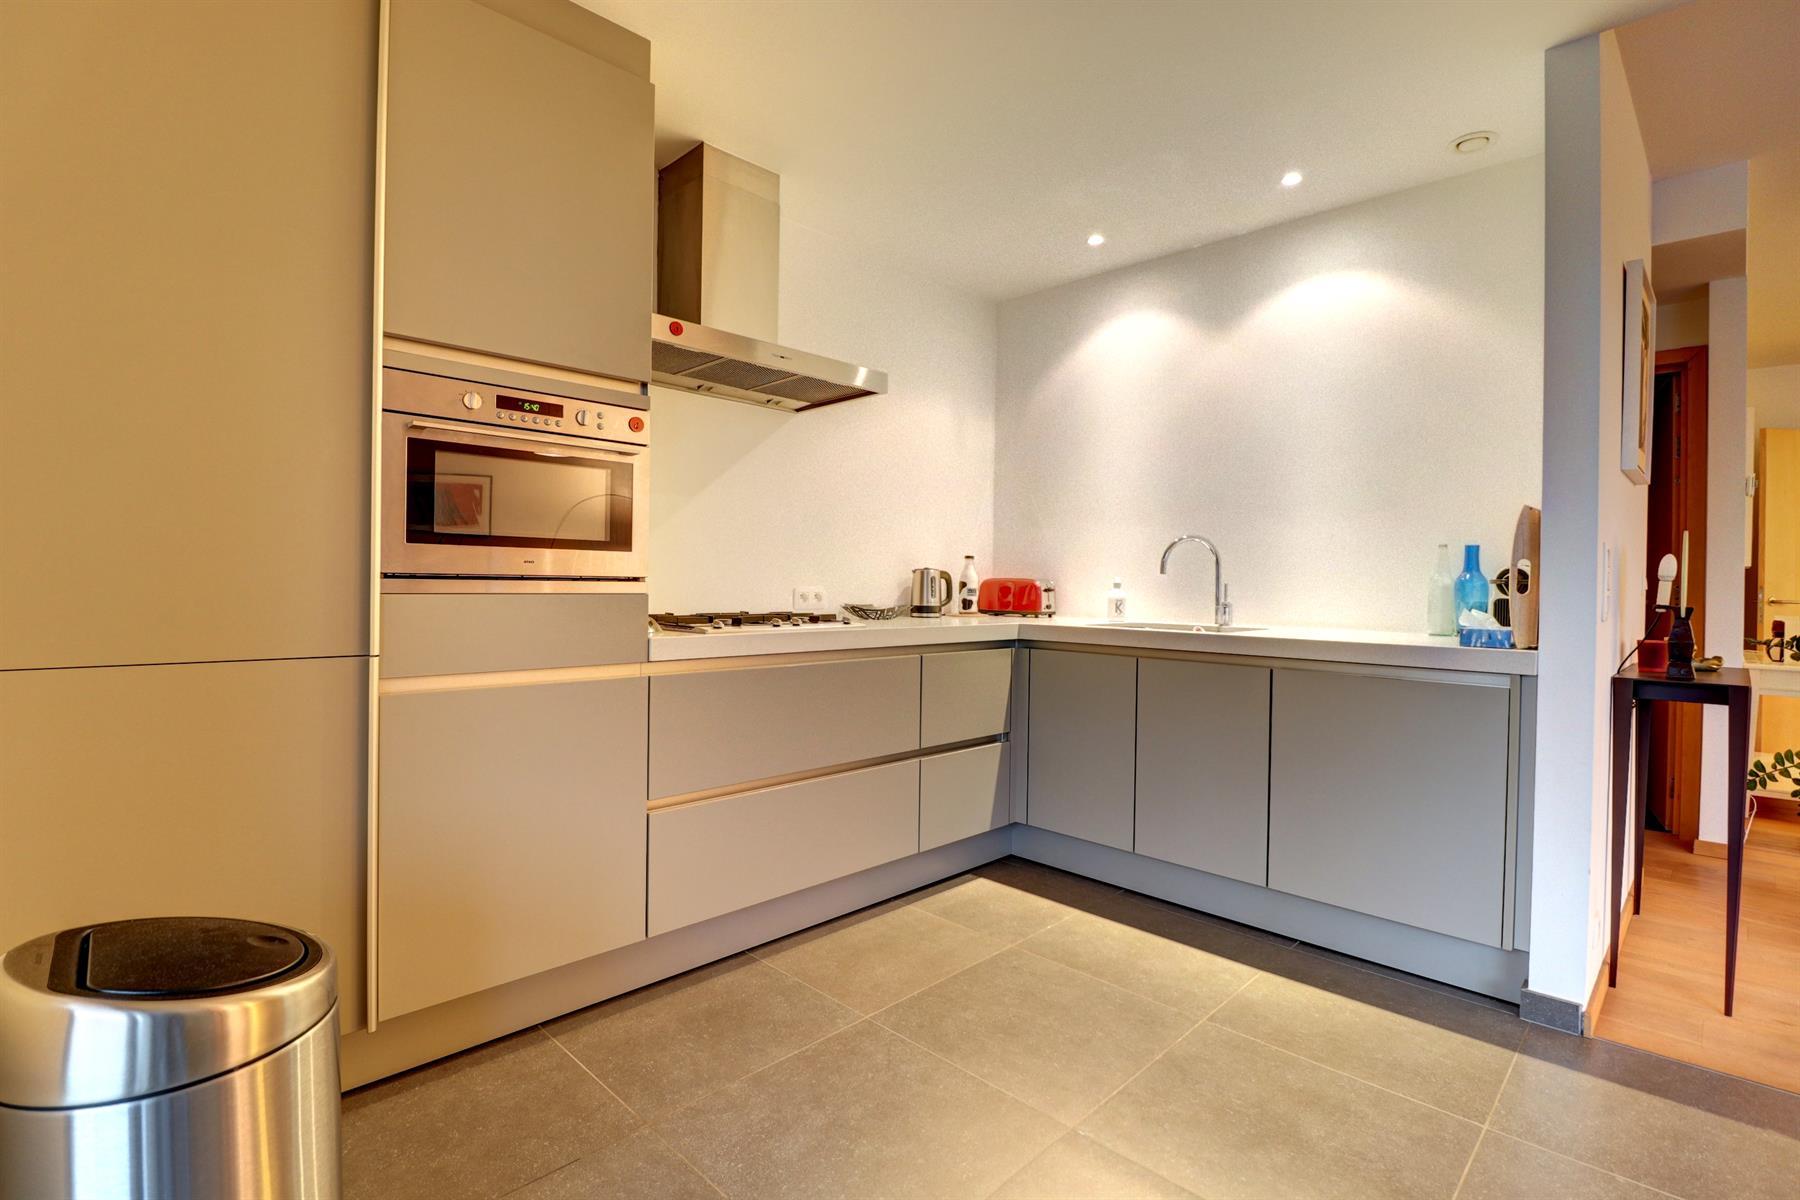 Flat - Ixelles - #4225896-14